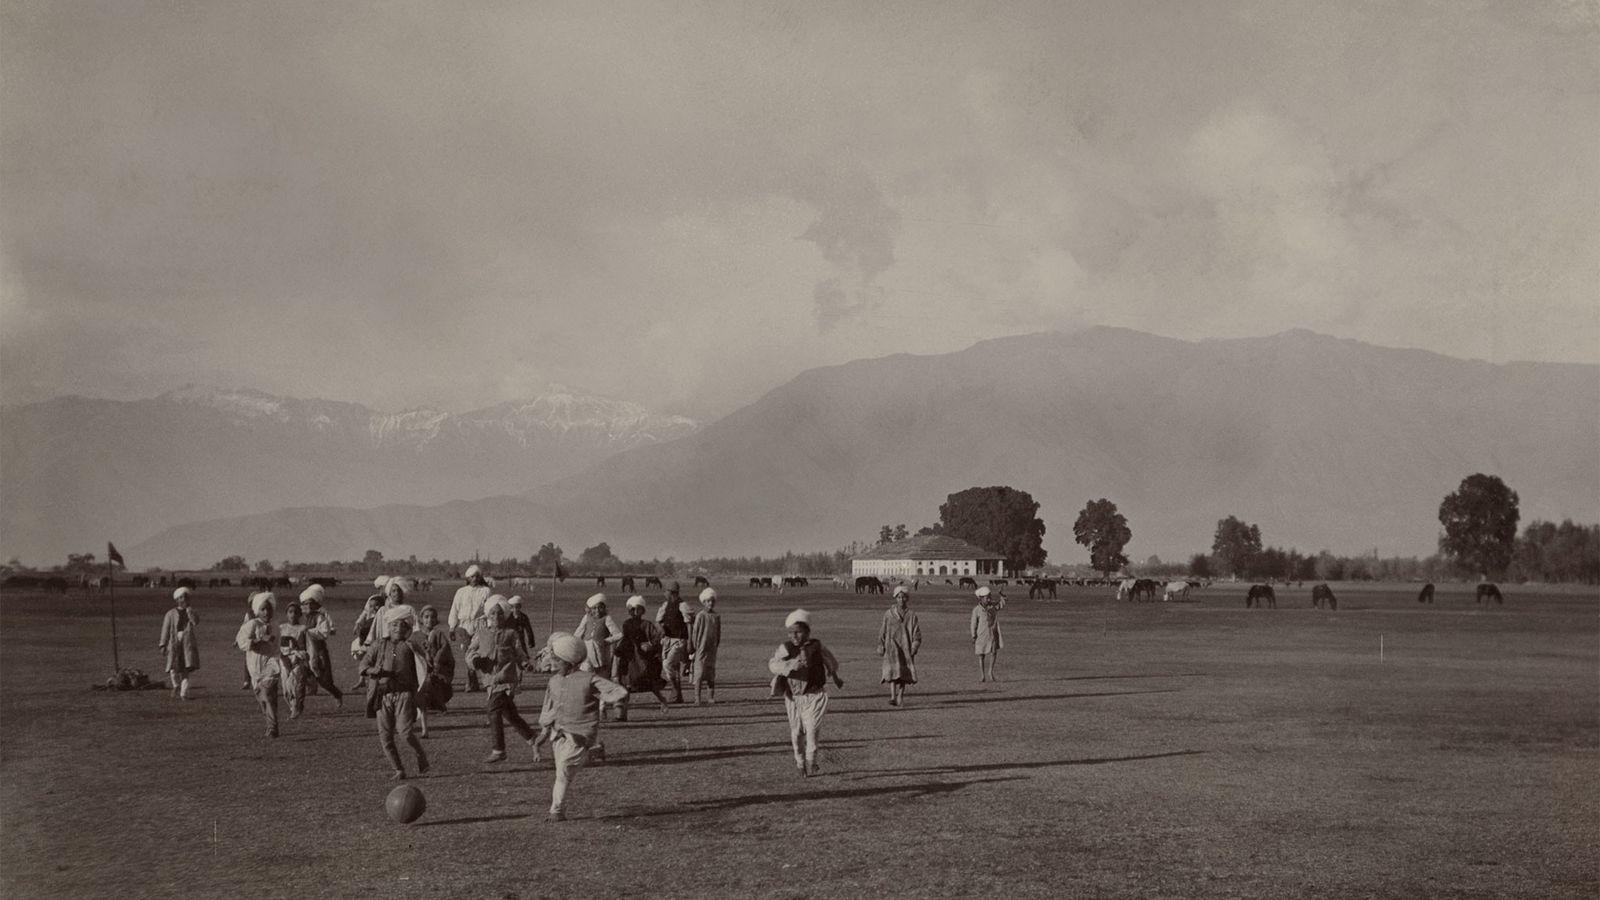 Em um campo vasto nos pés do Himalaia, crianças jogam futebol.